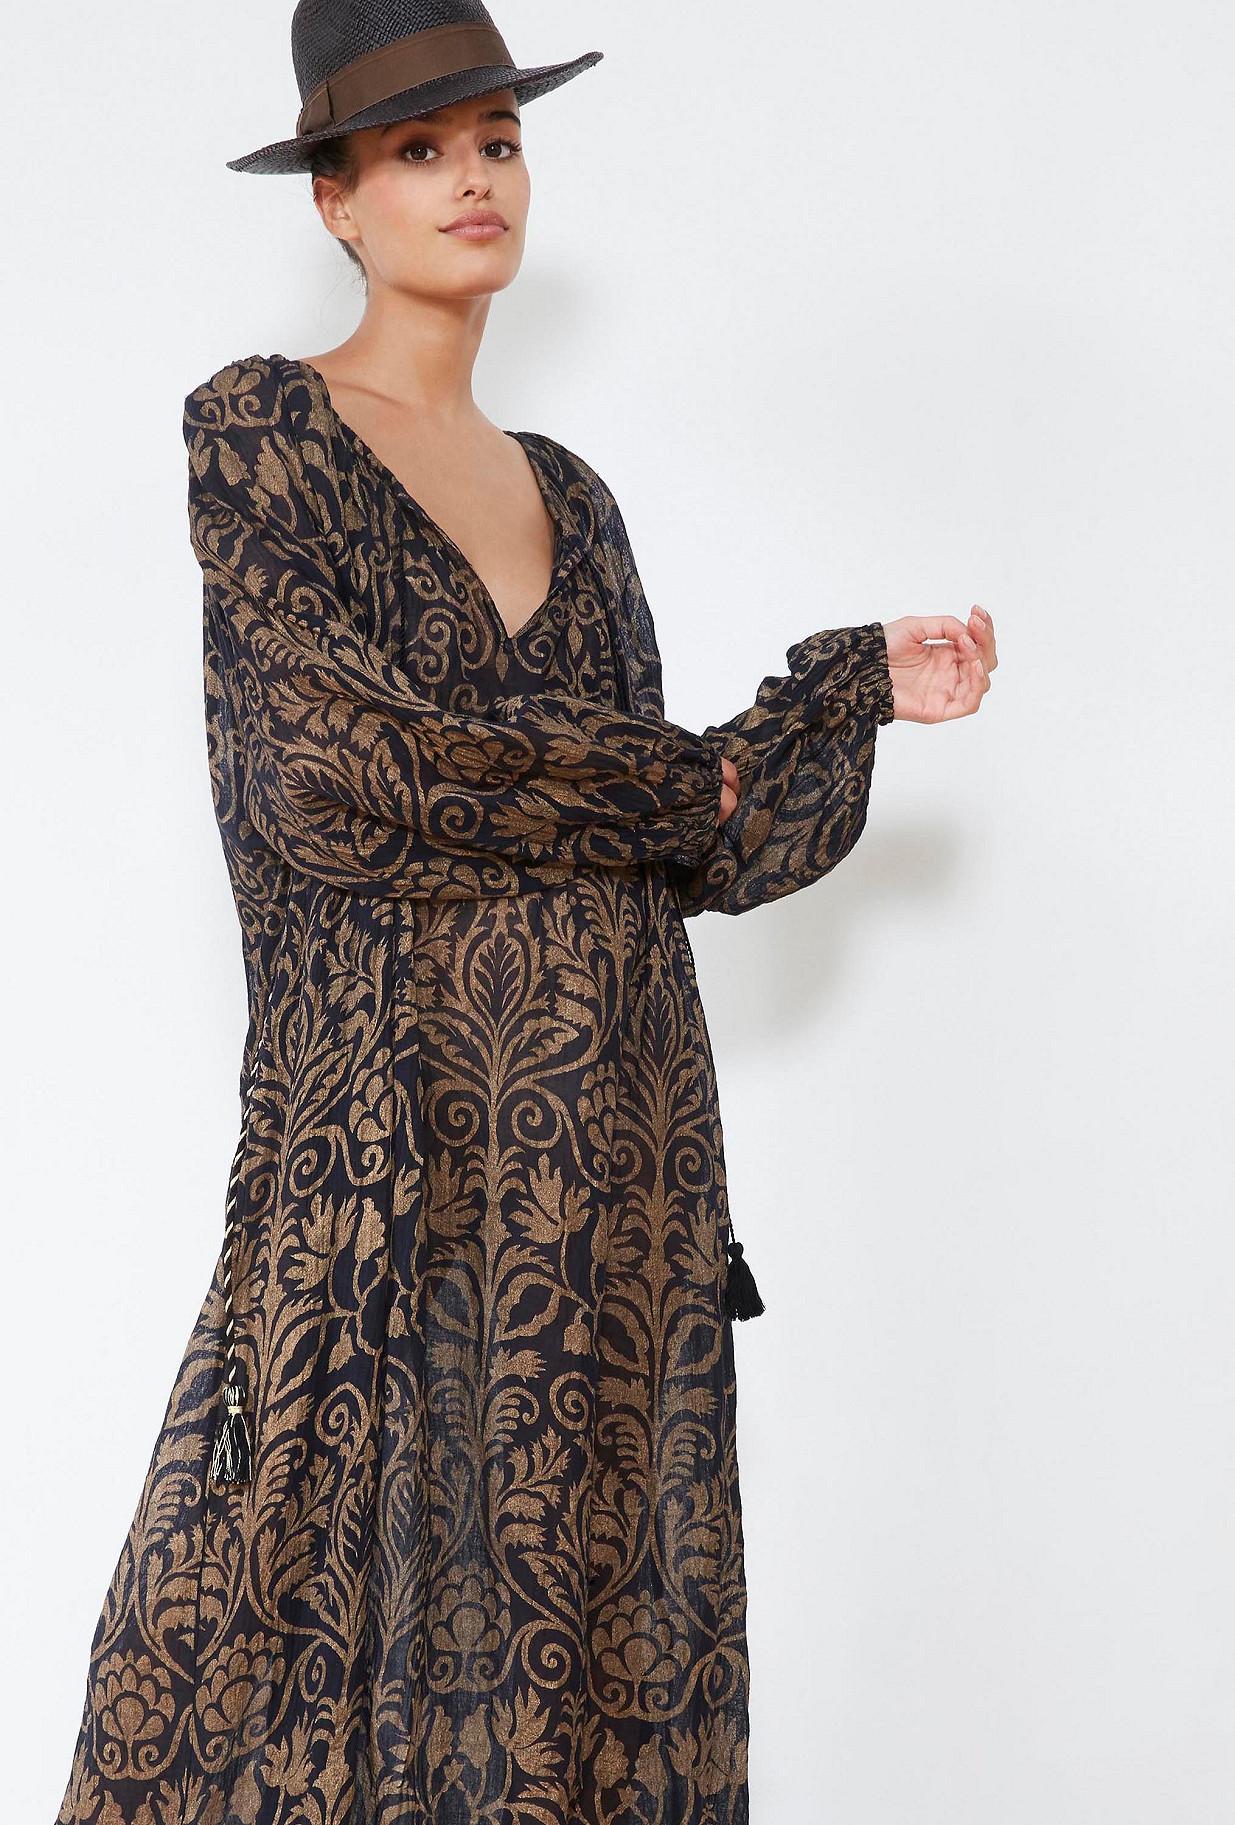 boutique de robe femme rinascimento mode createur paris. Black Bedroom Furniture Sets. Home Design Ideas